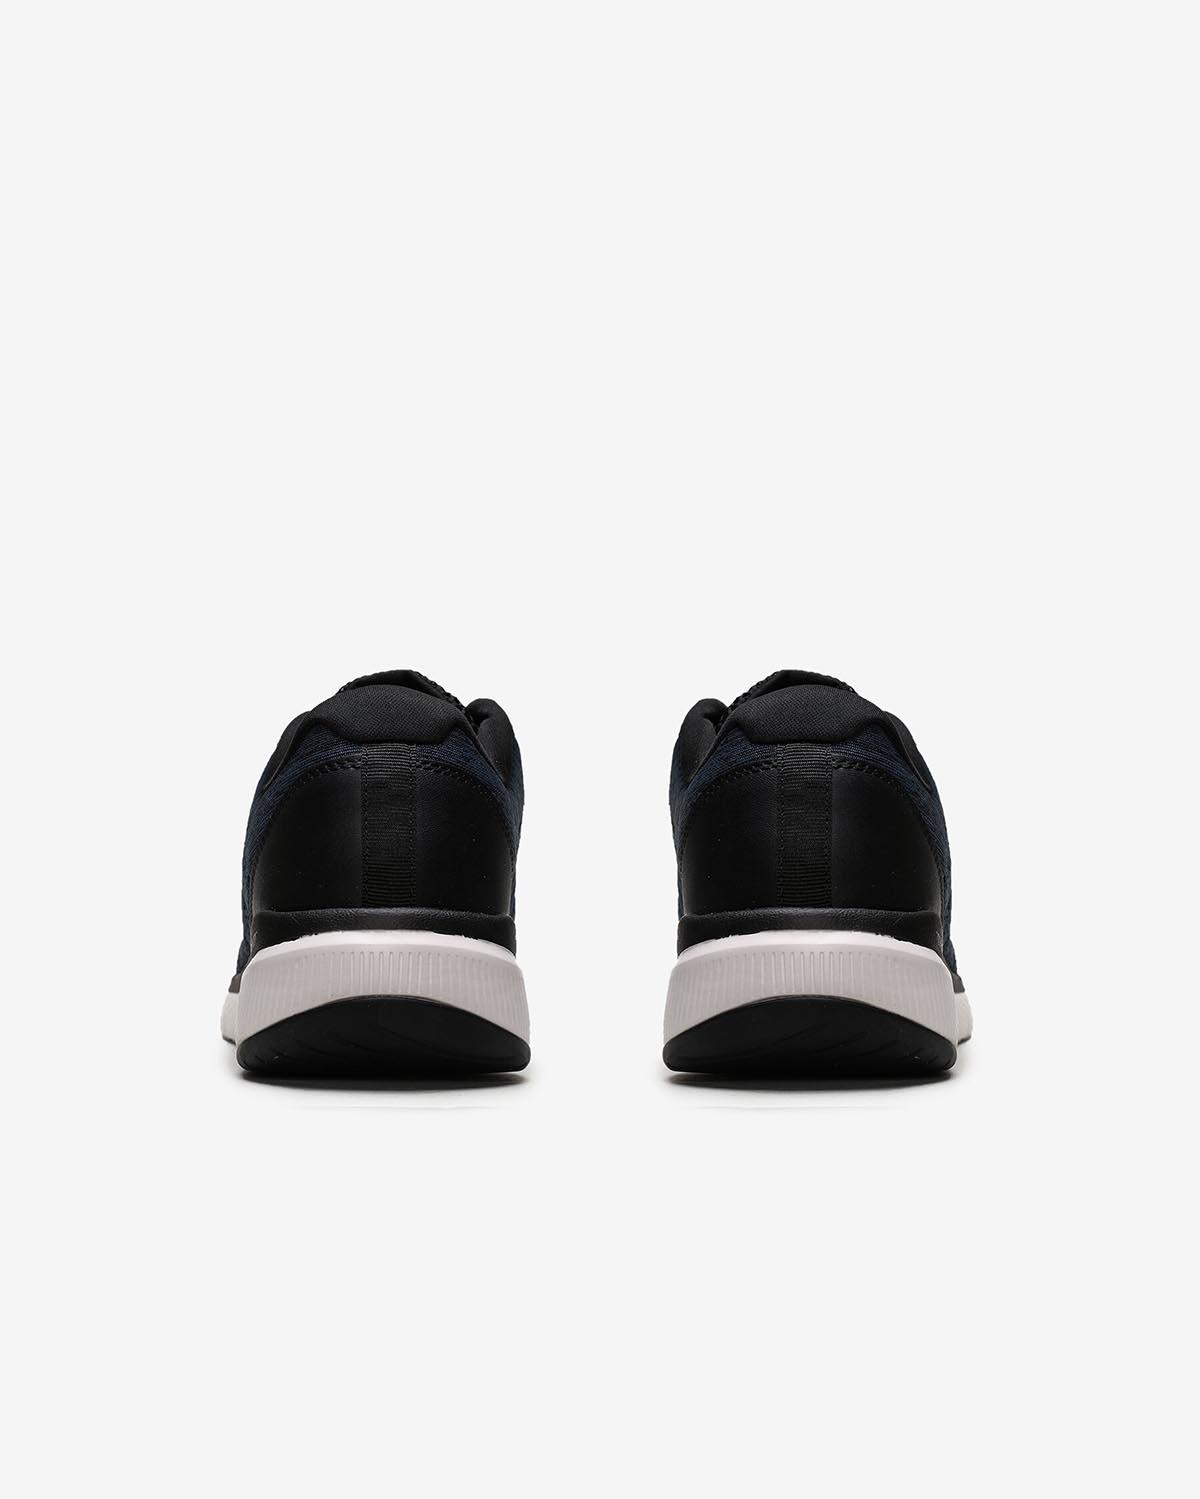 Skechers Flex  Advantage 3.0- Stally Erkek Ayakkabısı SKCS52957 BLBK